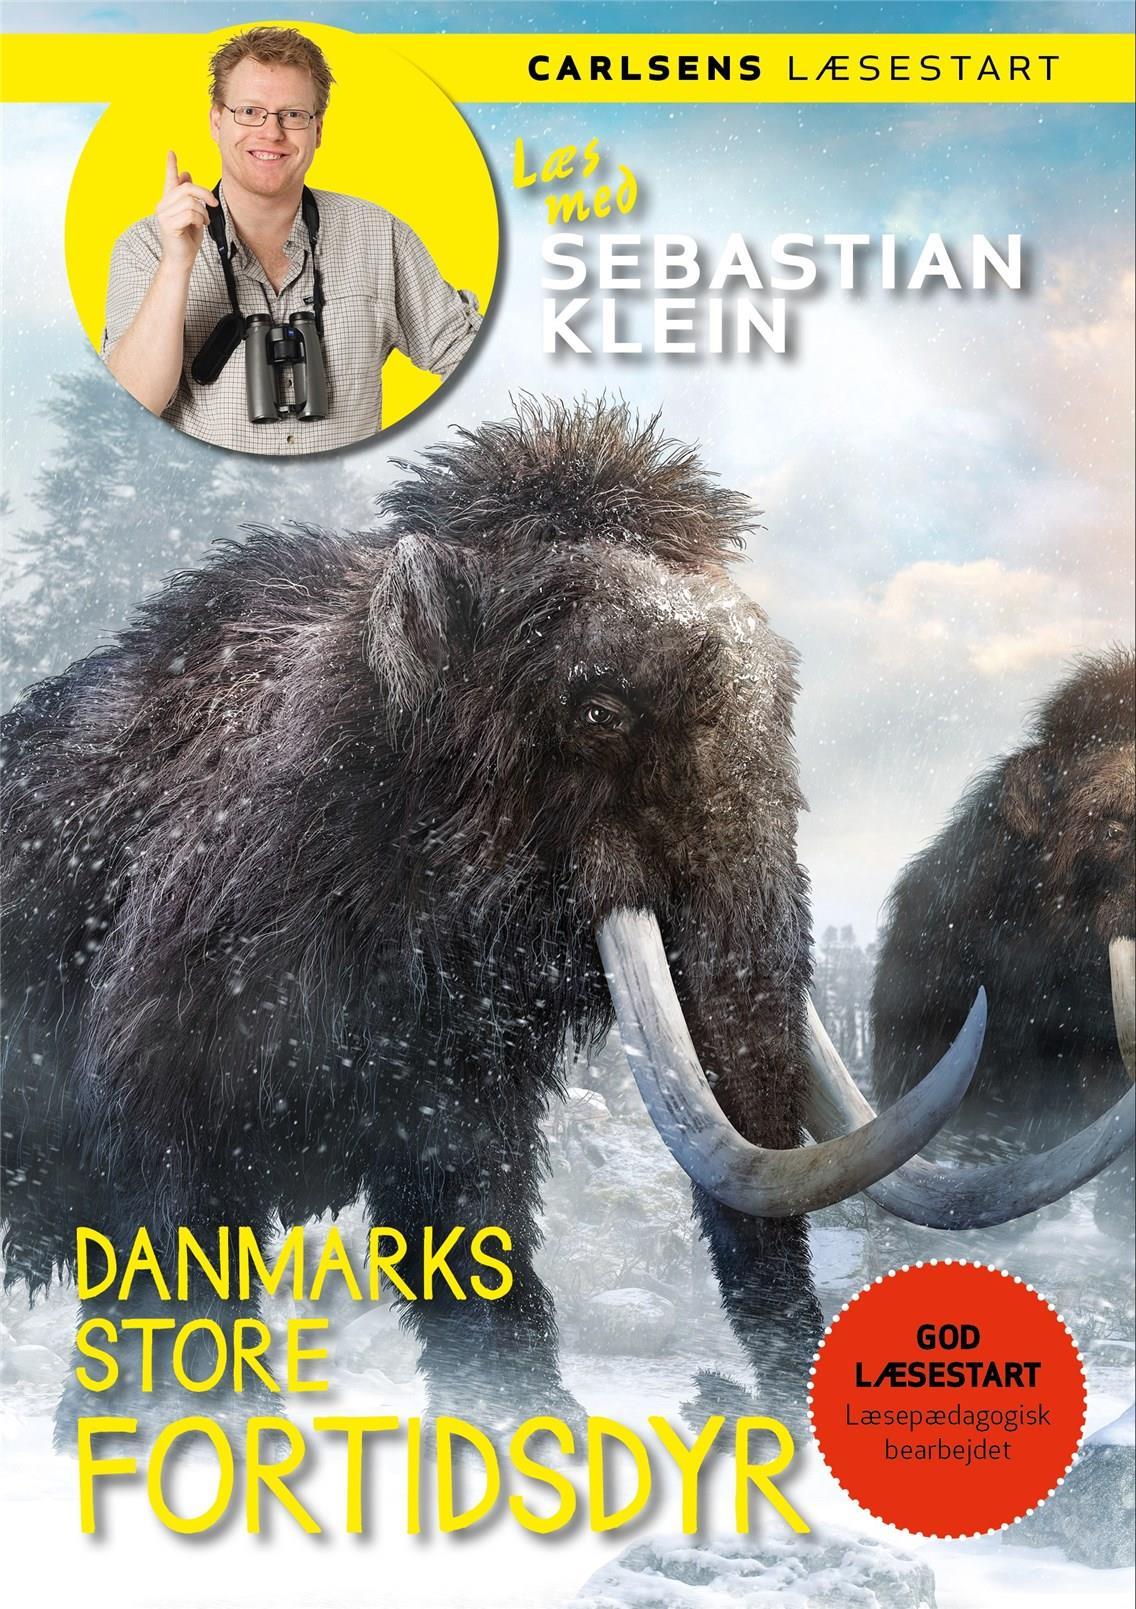 Læs med Sebastian Klein: Læs med Sebastian Klein: Danmarks store fortidsdyr - Sebastian Klein - Bøger - CARLSEN - 9788711919842 - 17/3-2020